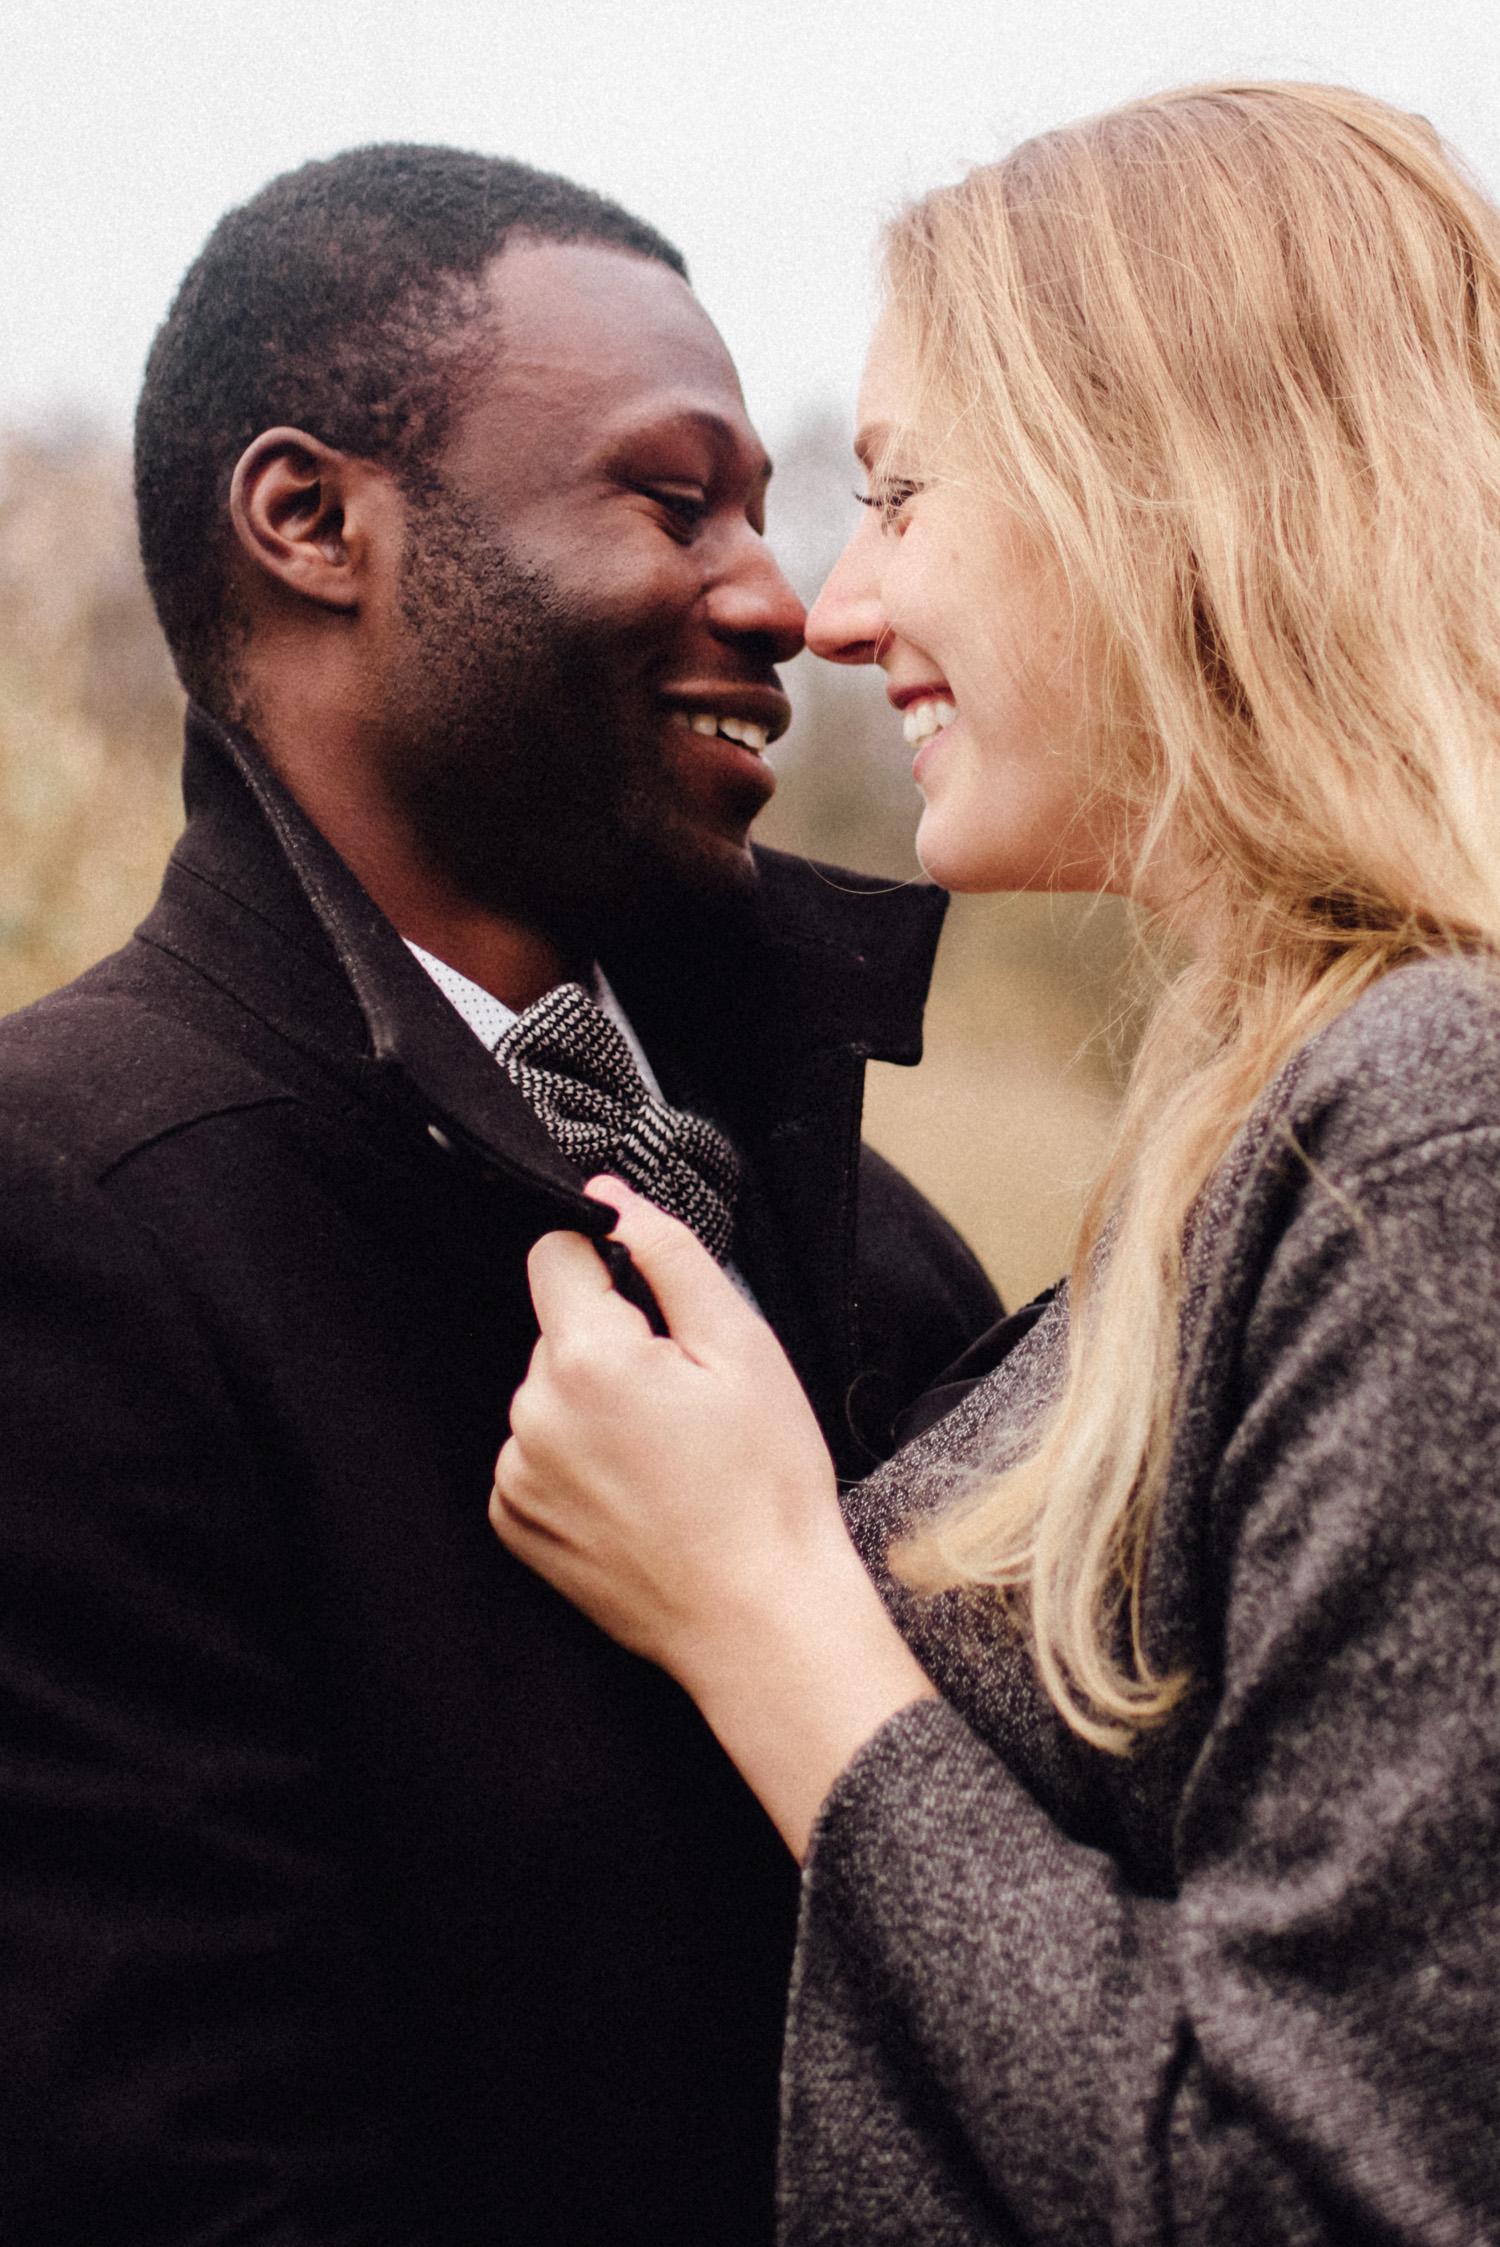 Ein verliebtes multikulturelles Paar schaut sich an und lacht.